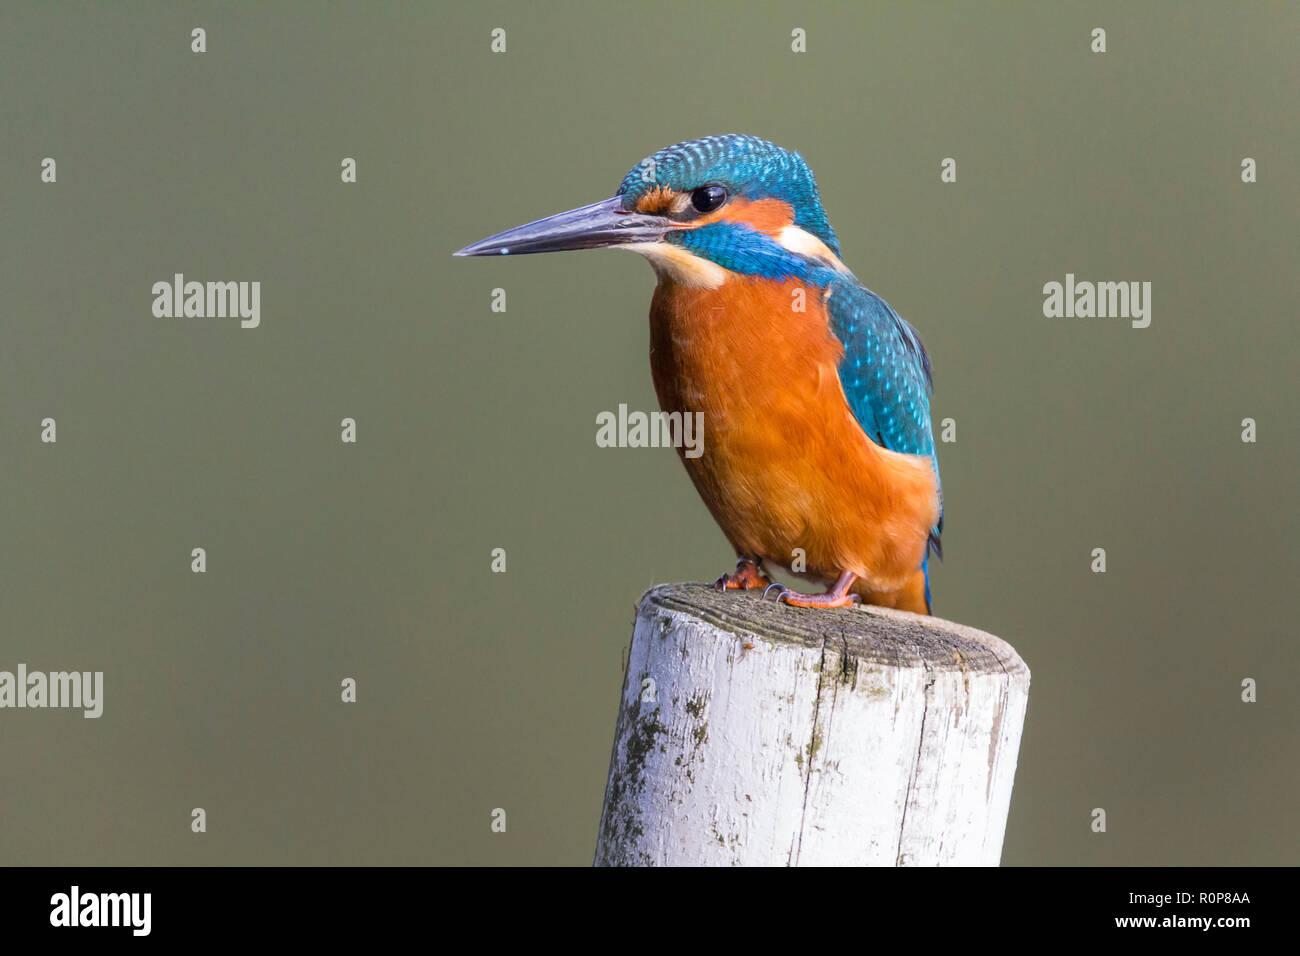 Eisvogel (Alcedo atthis) in der Nähe von Post direkt vor Vogel thront verstecken. Großen Dolch wie Black bill (männlich) Electric Blue und orange Gefieder. Stockbild